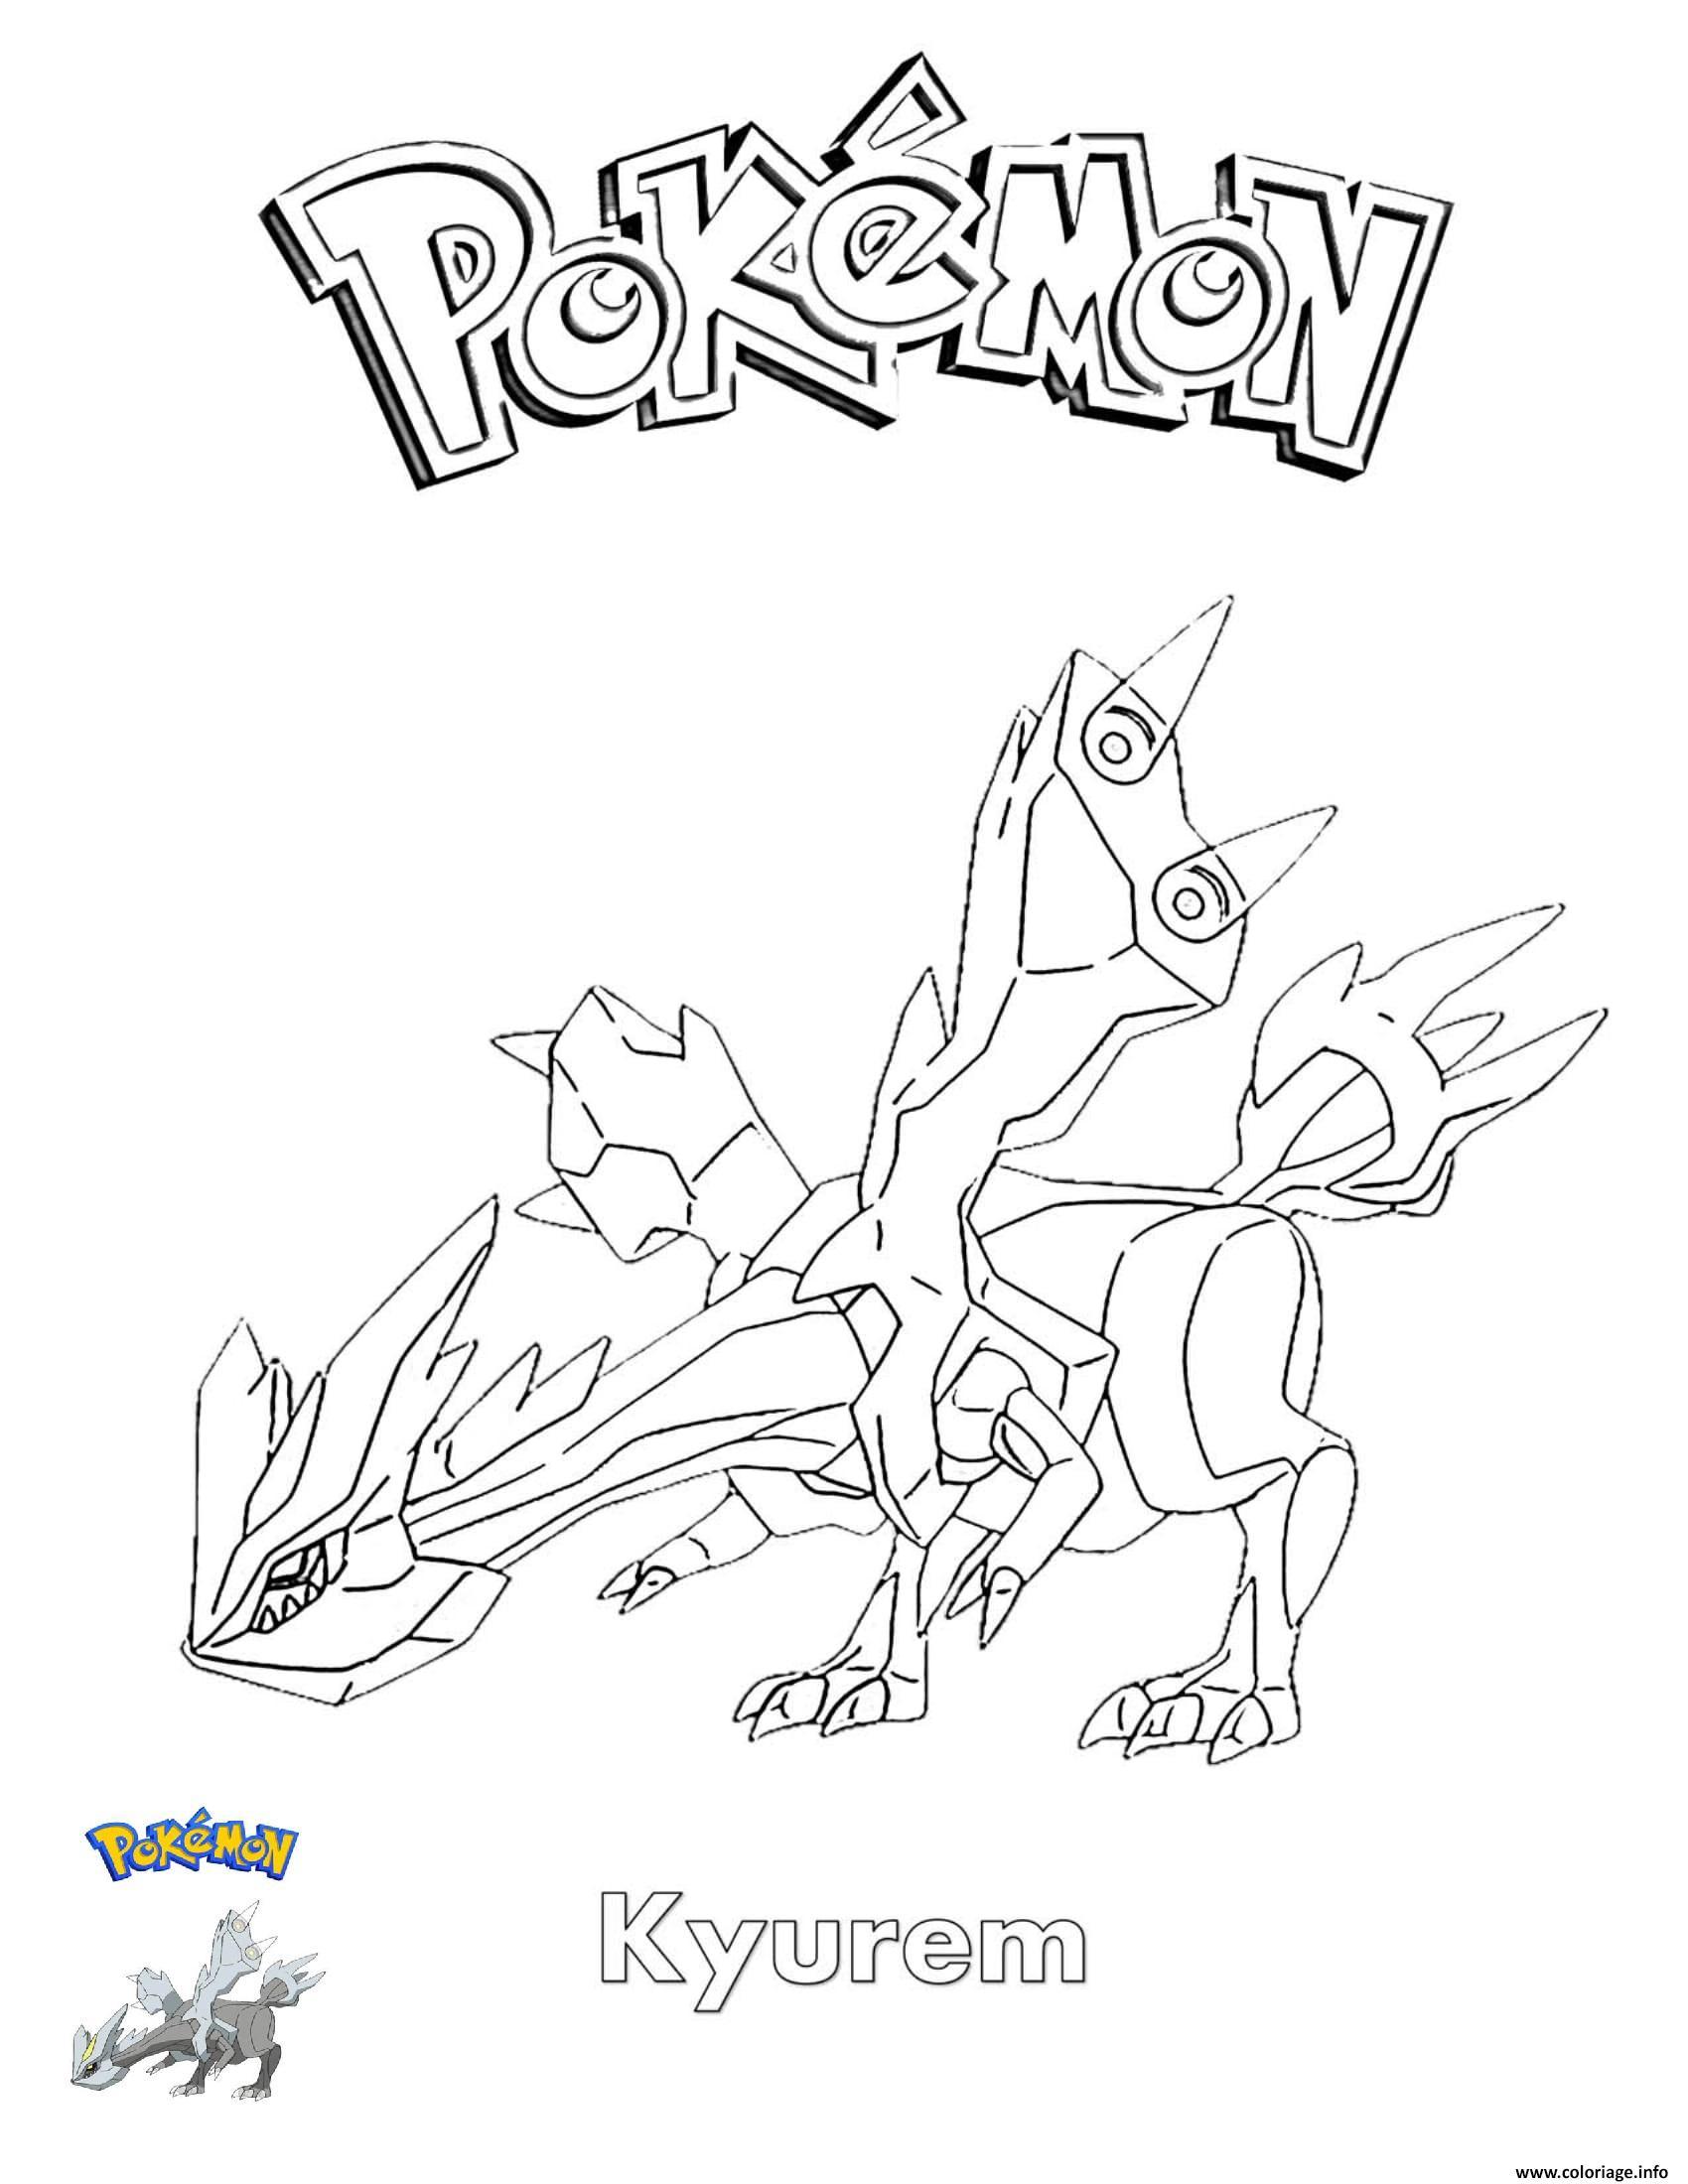 Dessin Kyurem Pokemon Coloriage Gratuit à Imprimer